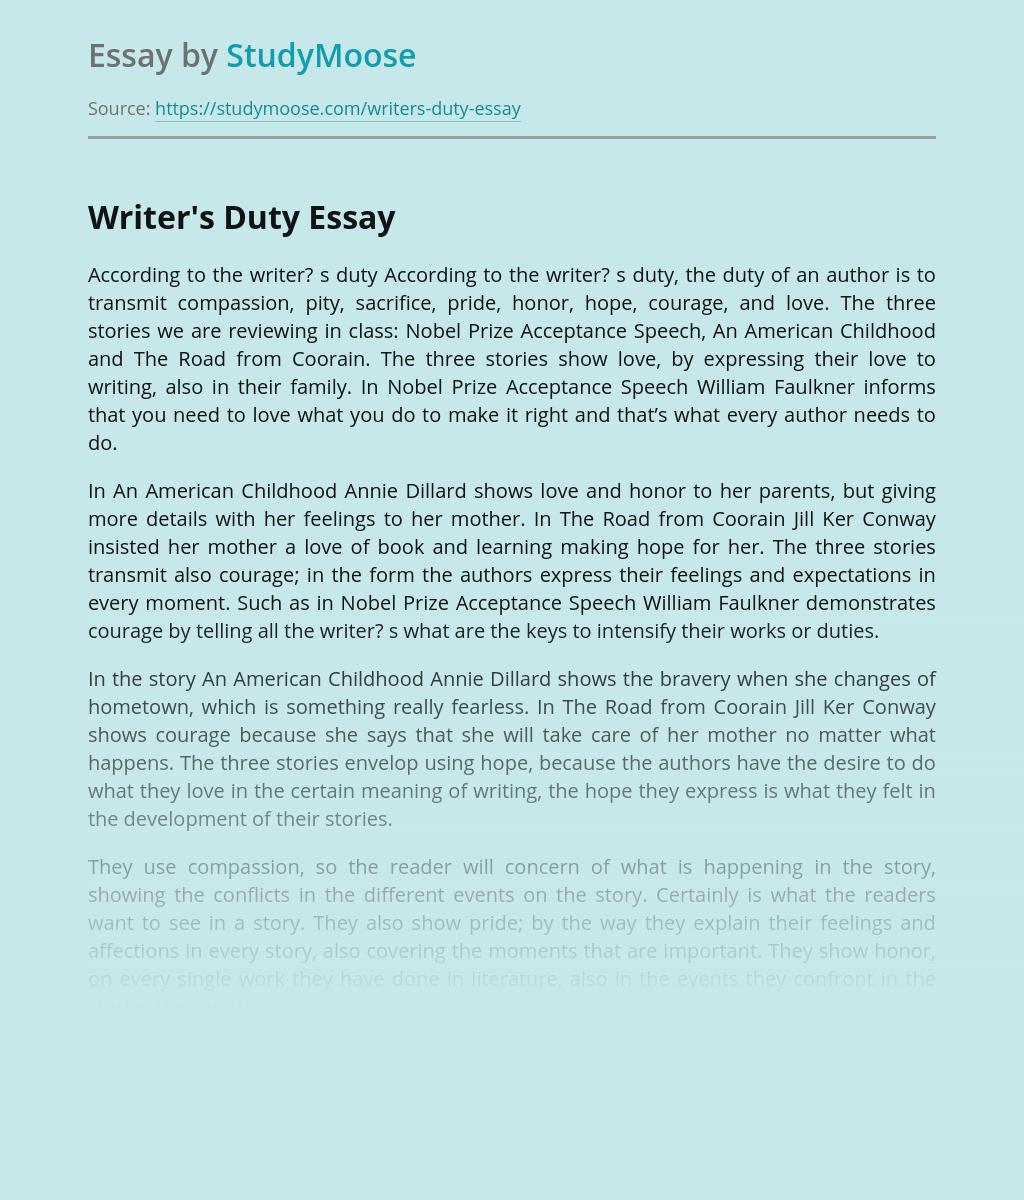 Writer's Duty